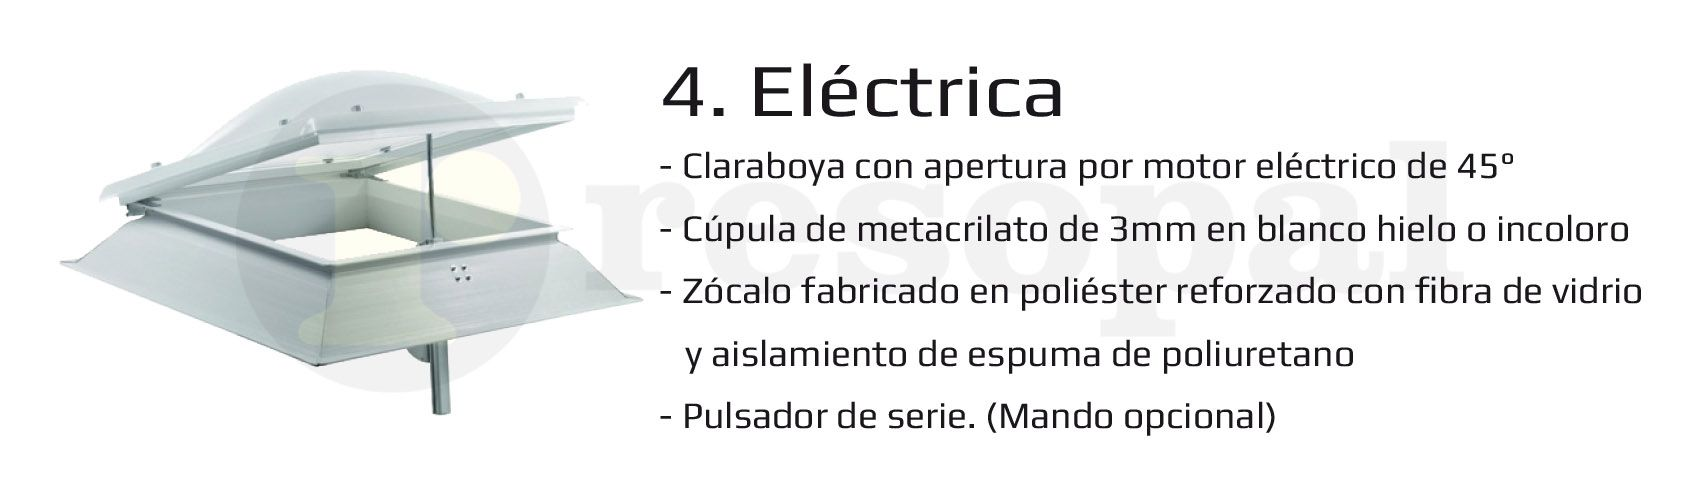 Claraboya Eléctrica